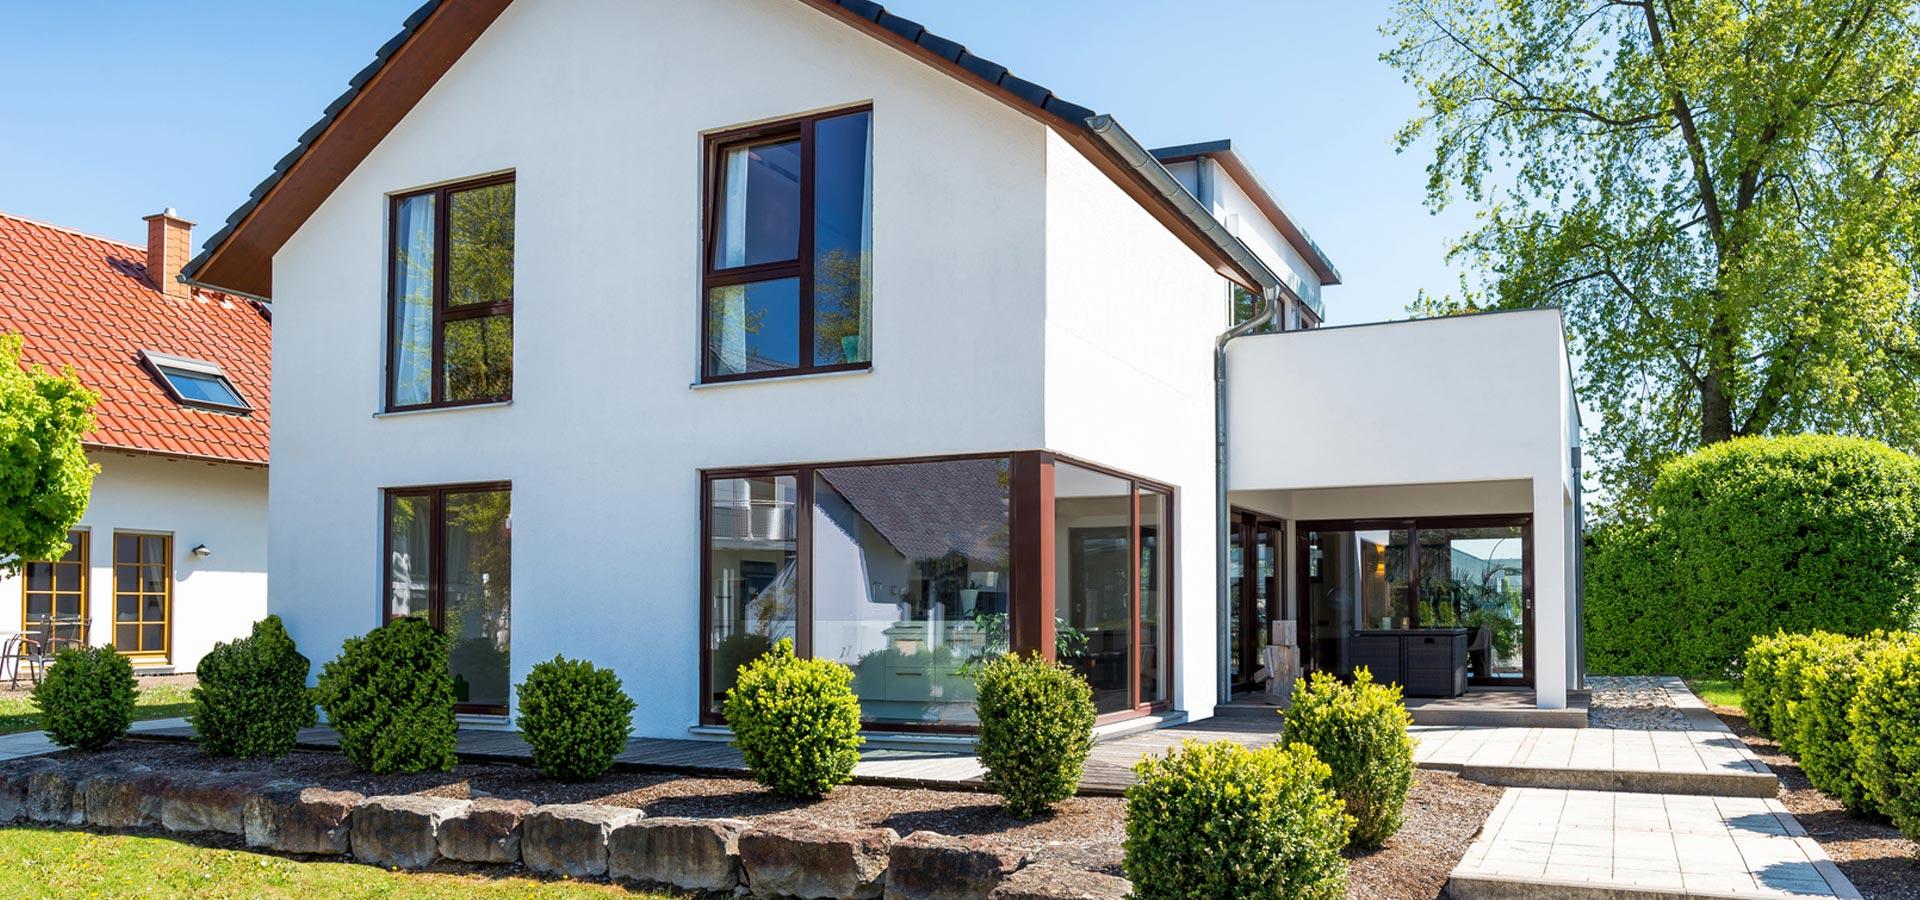 Hausverkauf von A-Z: Die 8+ wichtigsten Tipps für Flörsheim am Main